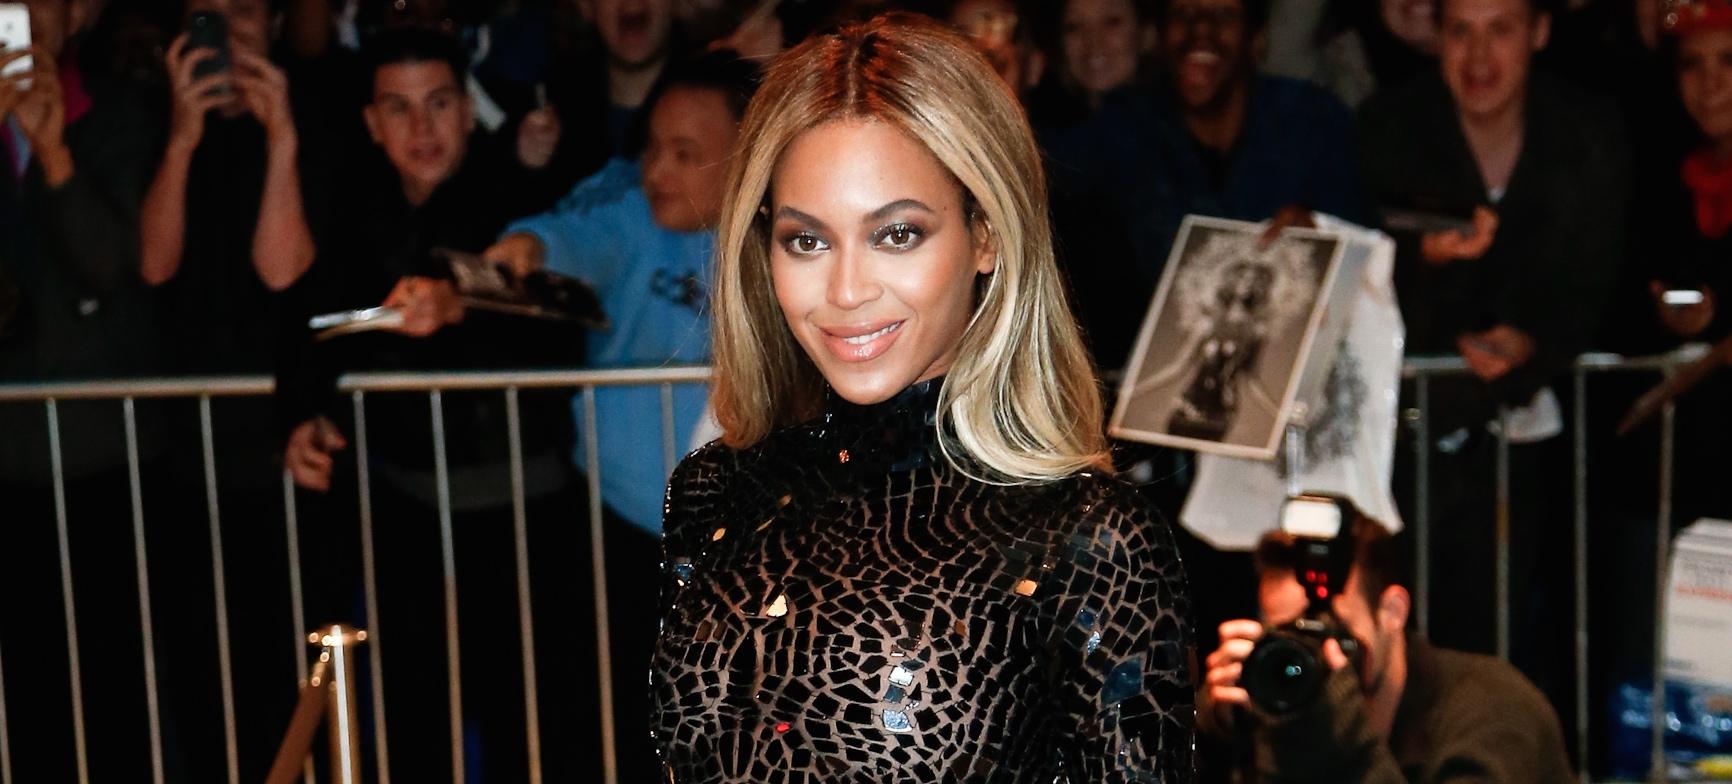 Beyonce's Anti Aging Secrets